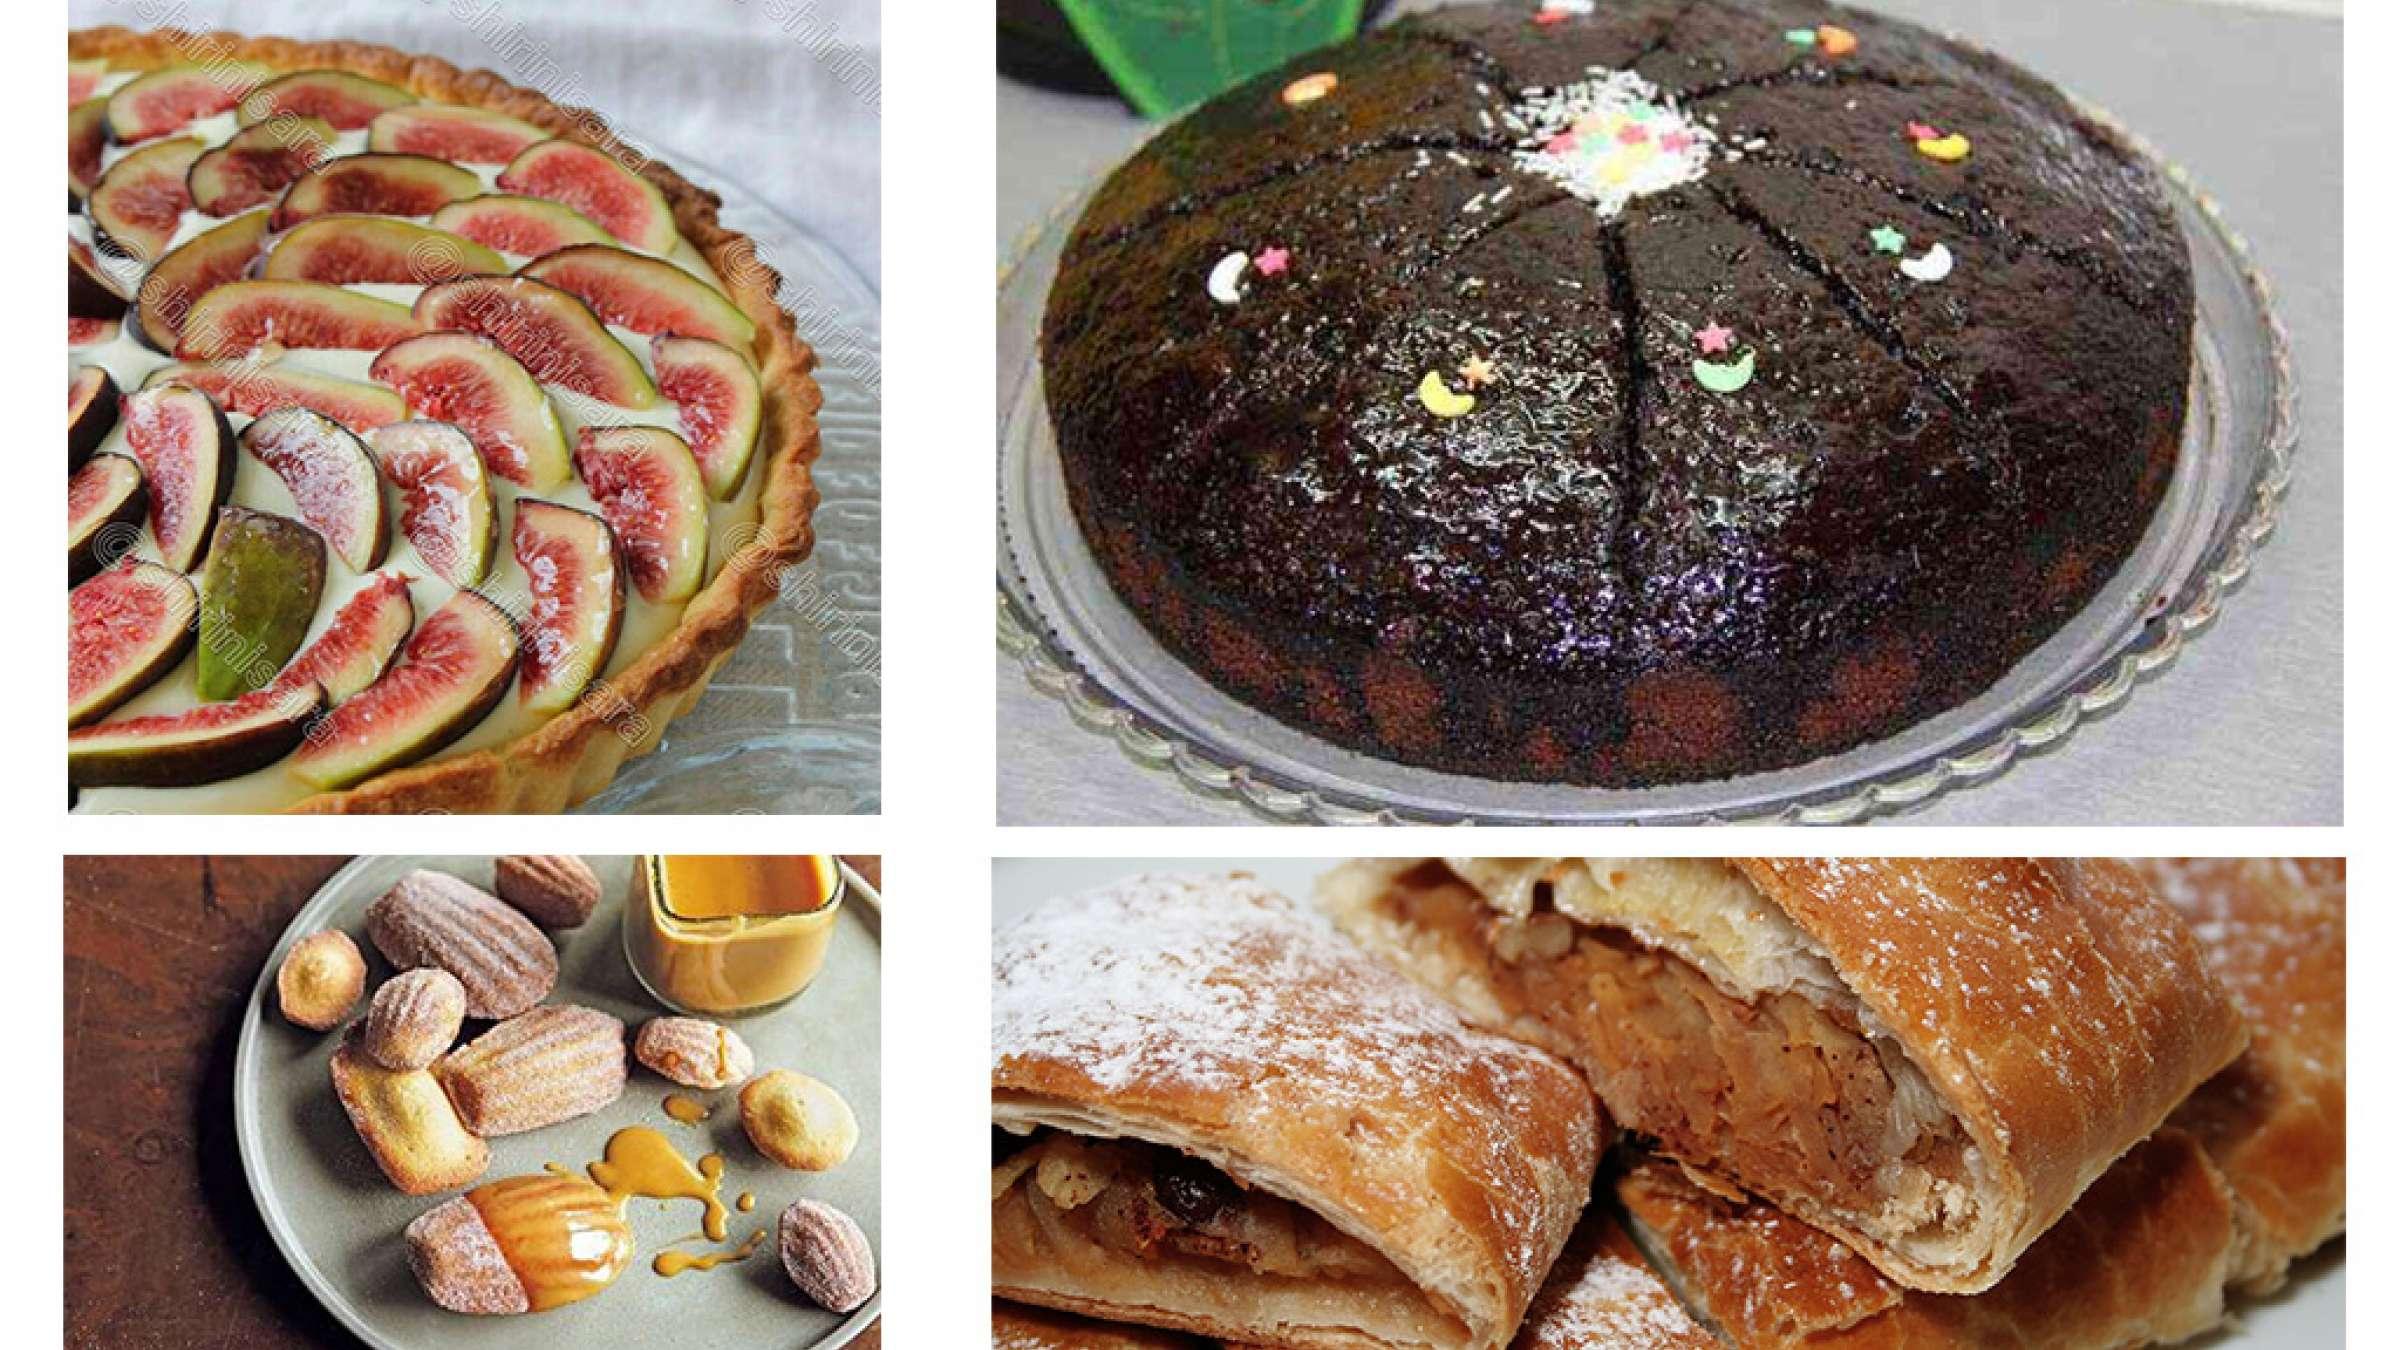 آشپزی-ترابی-تارت-انجیر-مادلن-گلابی-اشترودل-سیب-کیک-خیس-شکلاتی